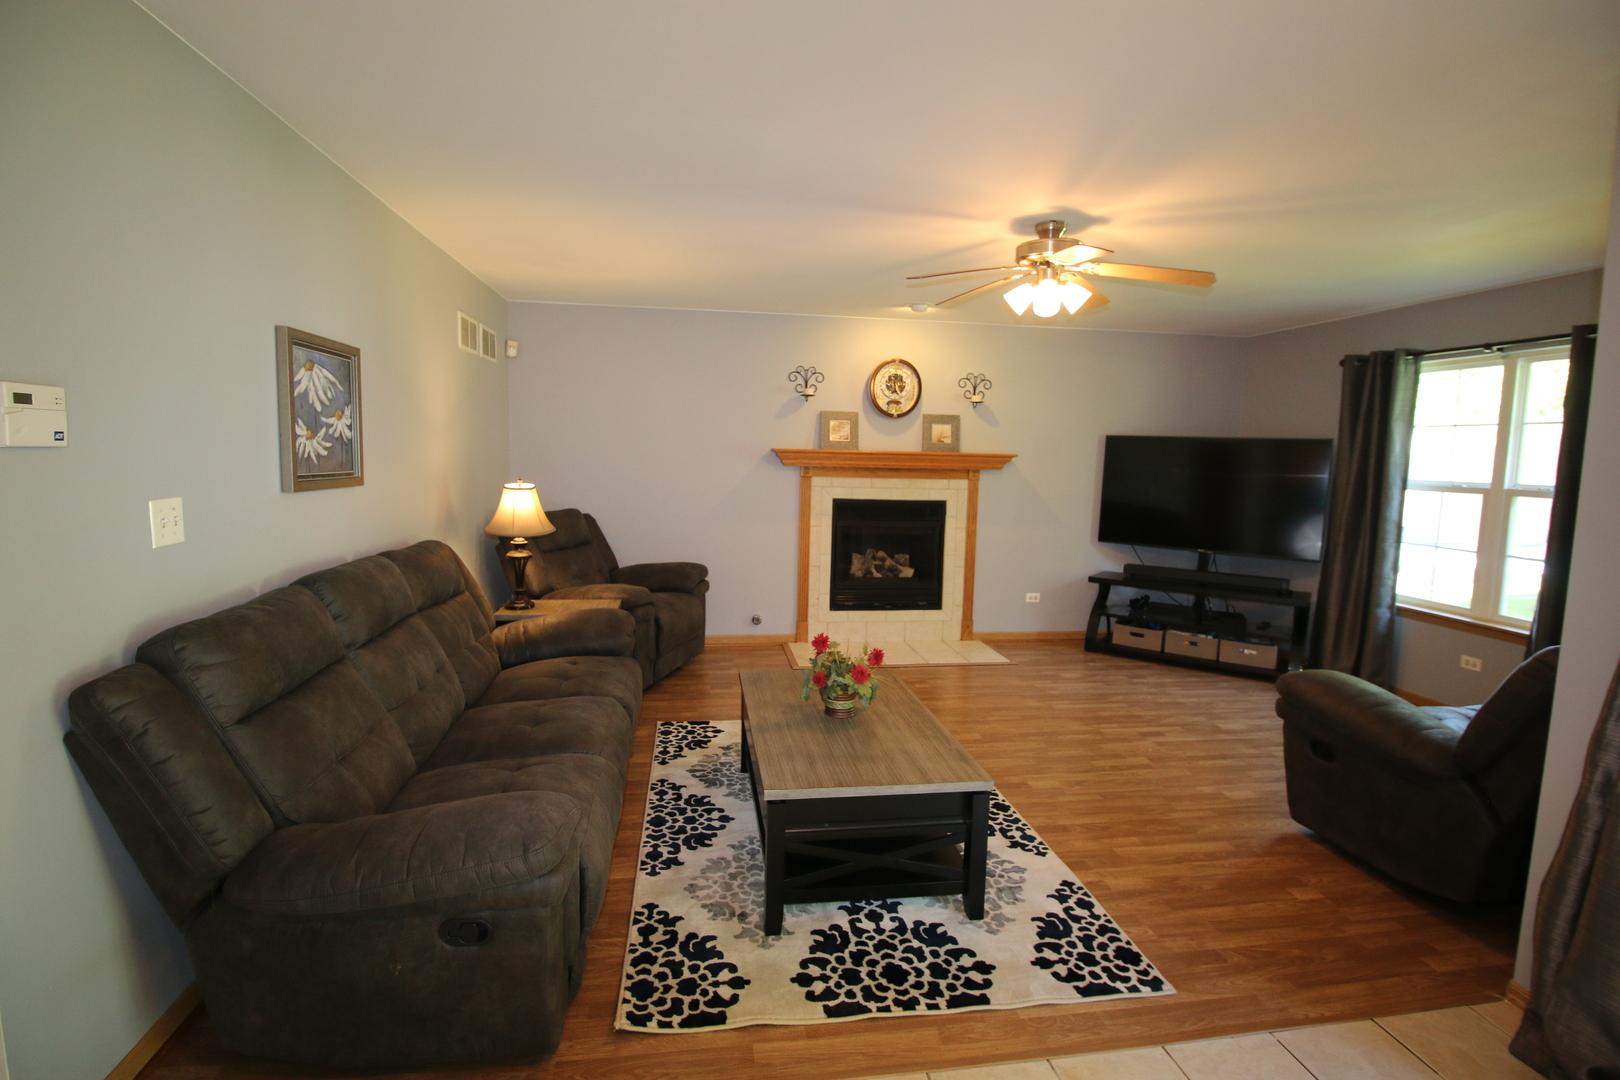 25725 Linden, Monee, Illinois, 60449